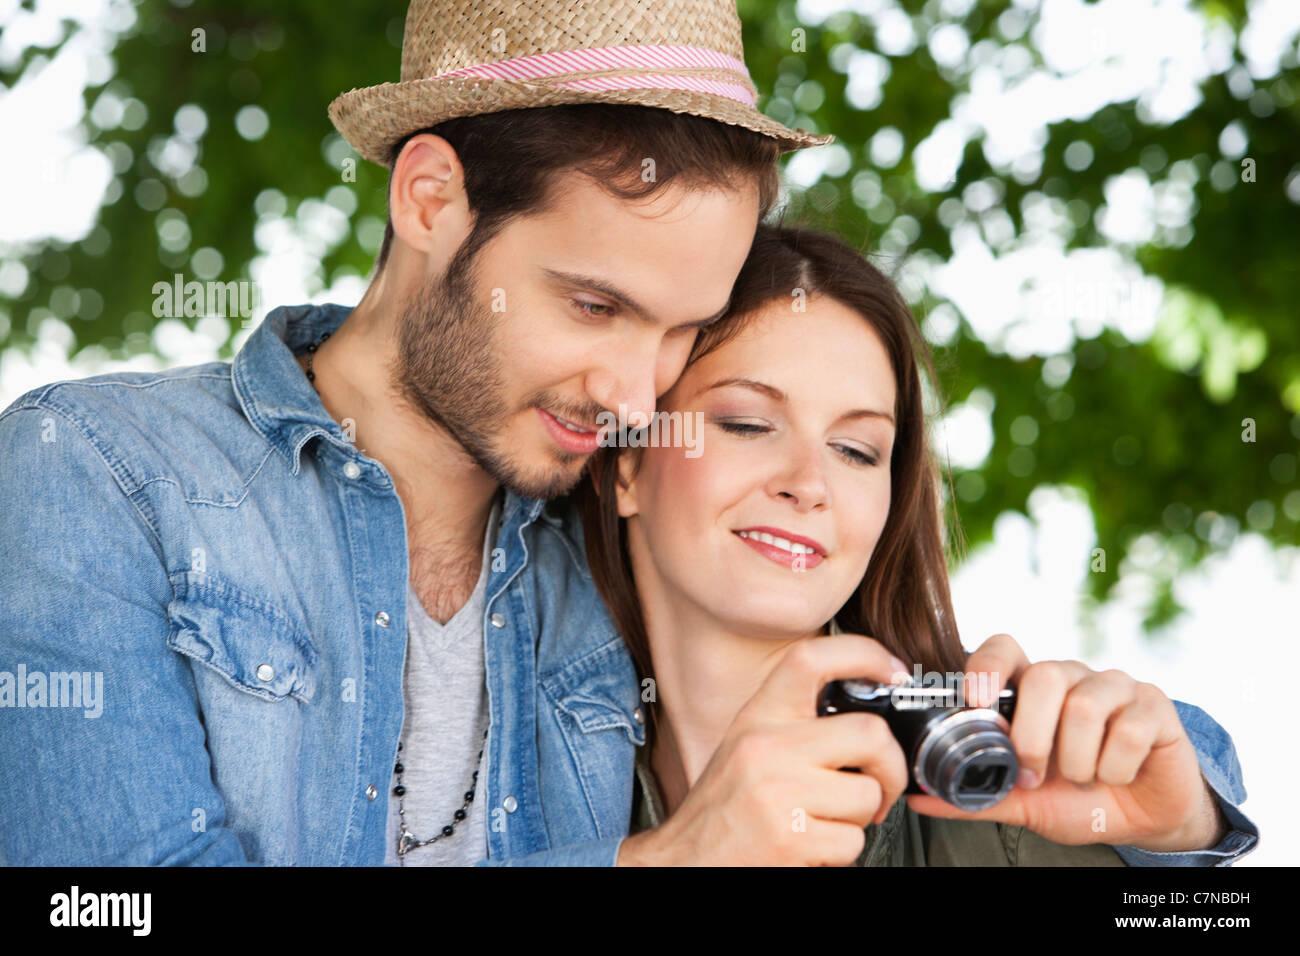 Regarder quelques photos d'un appareil photo numérique, Paris, Ile-de-France, France Photo Stock